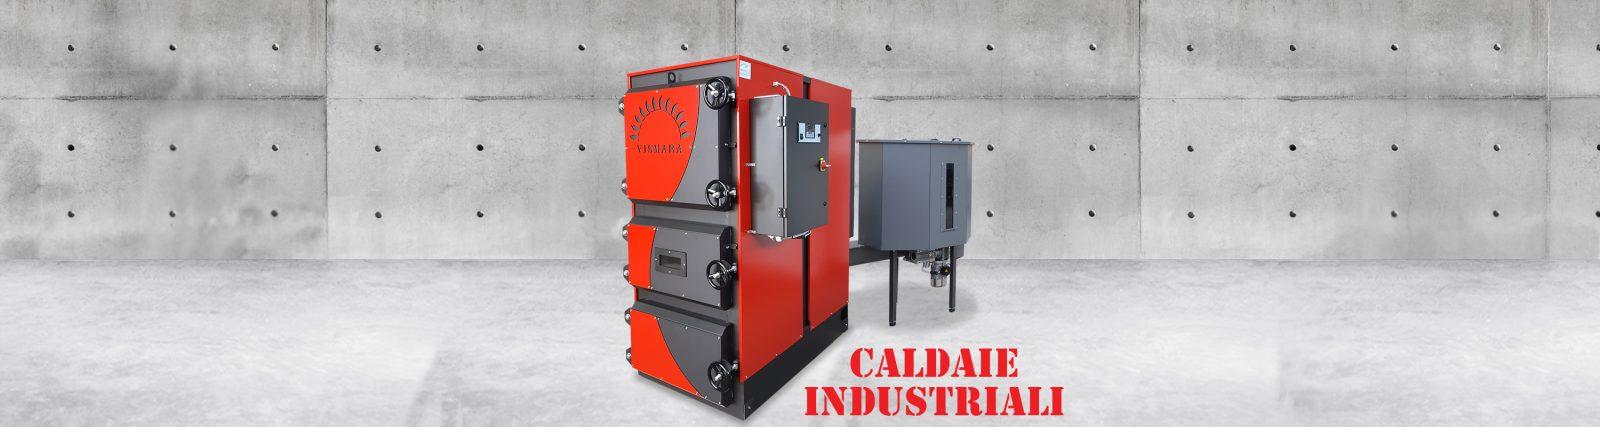 Slider_titolo caldaie industriali_3